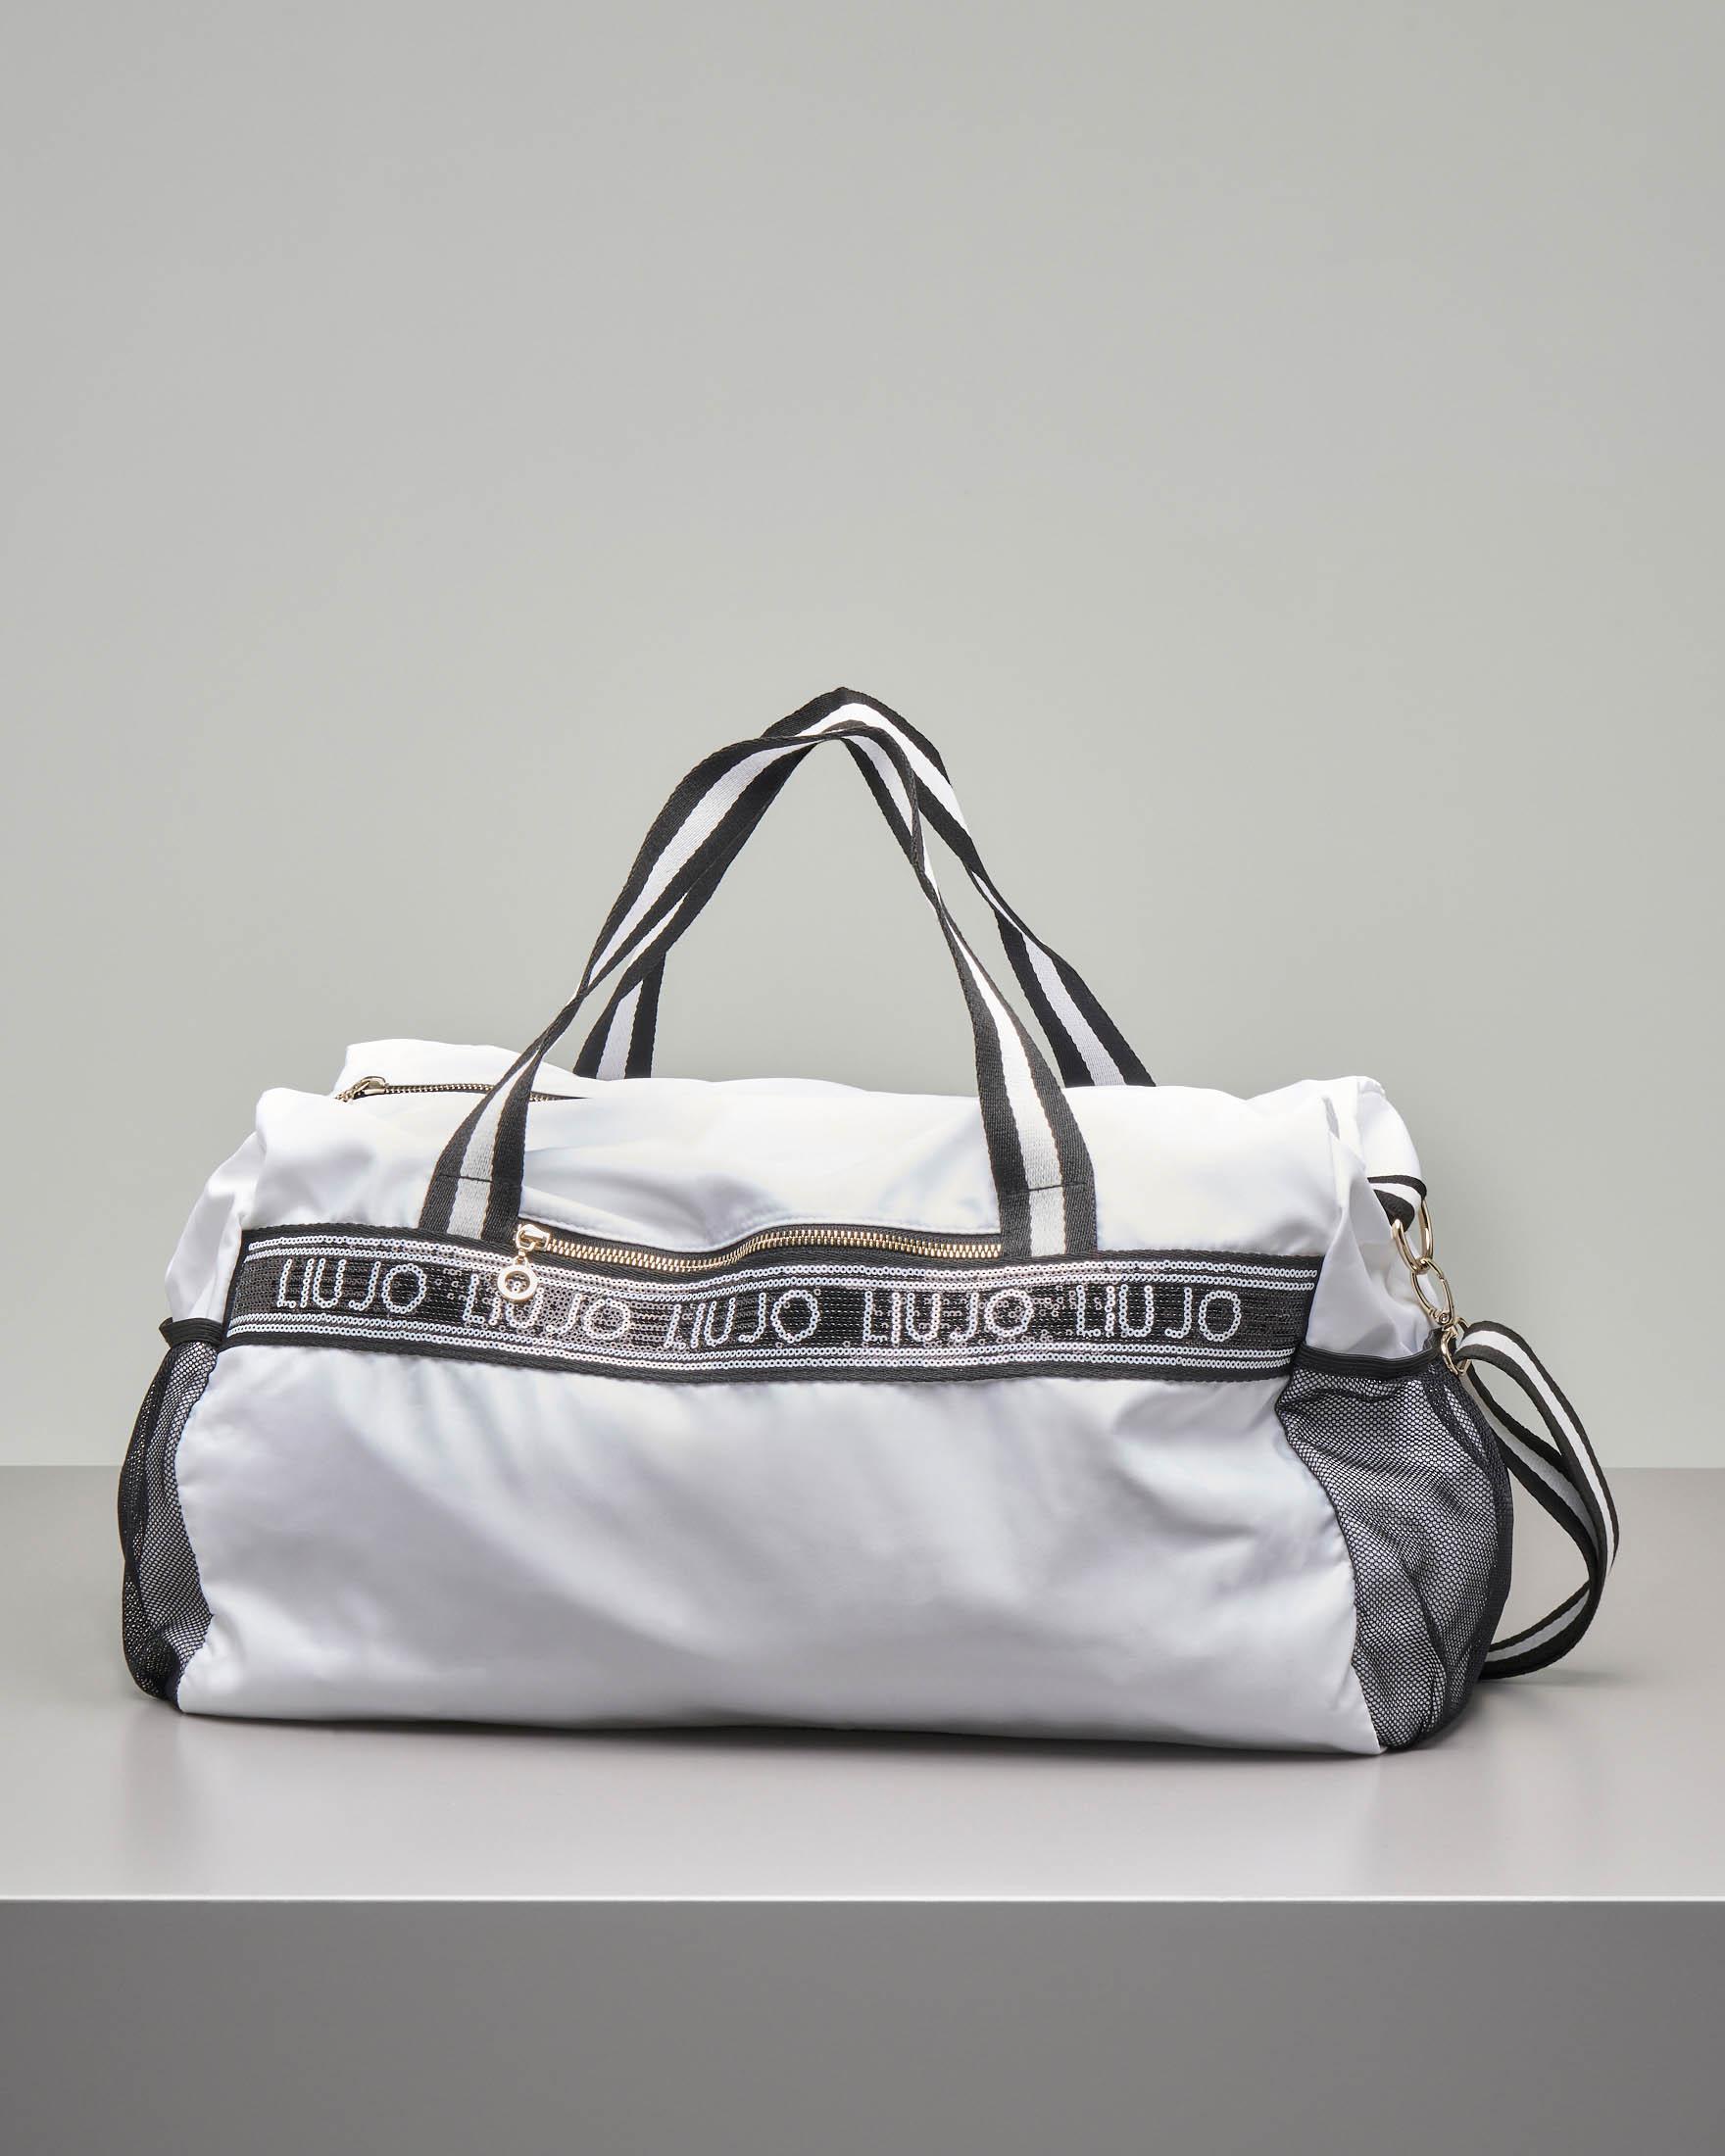 Borsone bianco sportivo in nylon con manici bicolore e scritta logo in paillettes